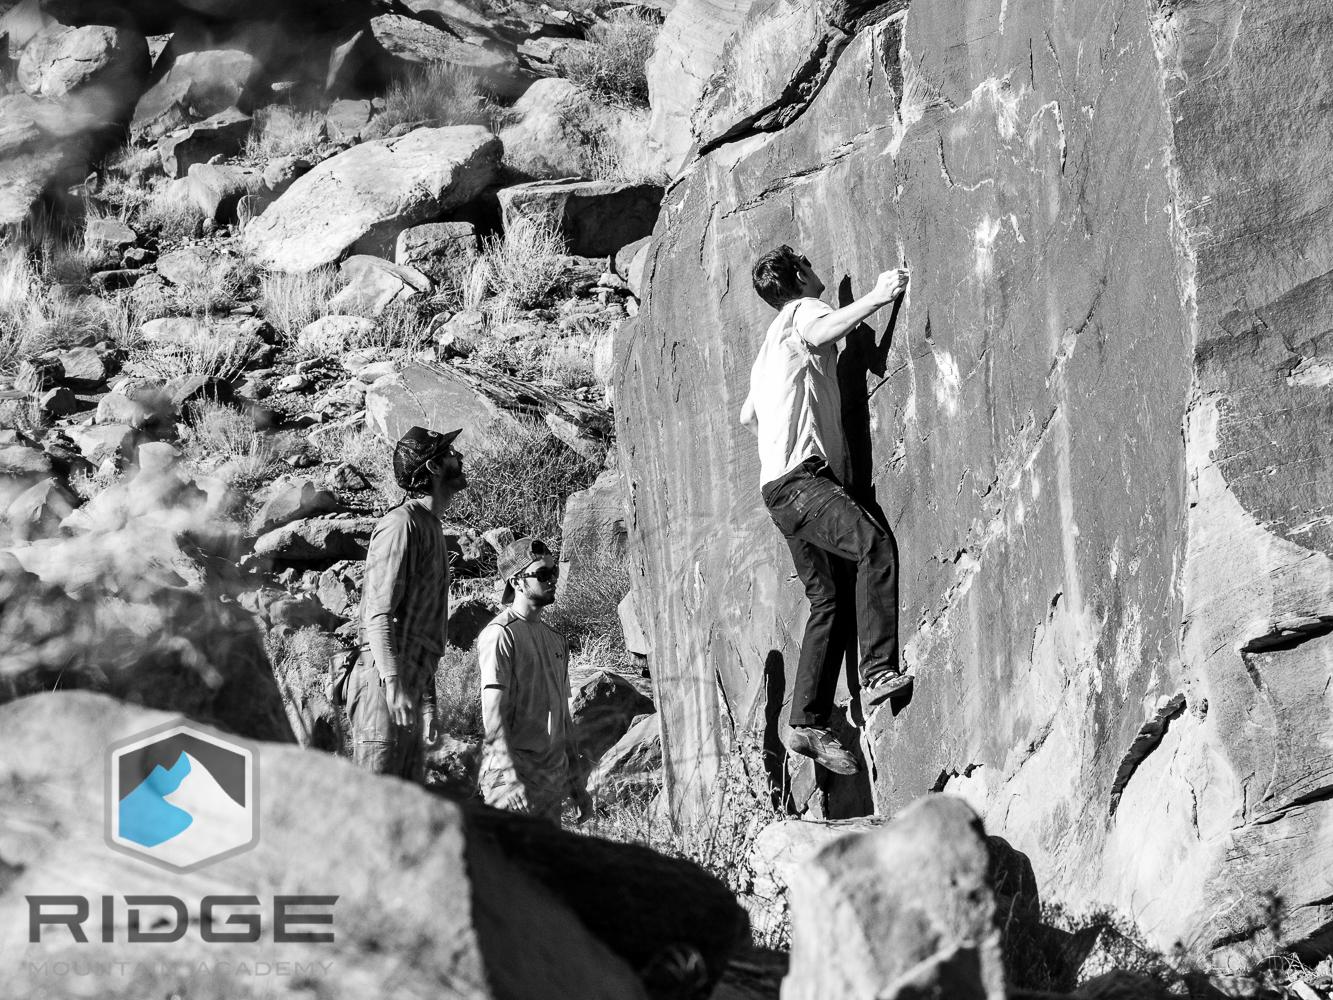 RIDGE in Moab, fall 2015-16.JPG